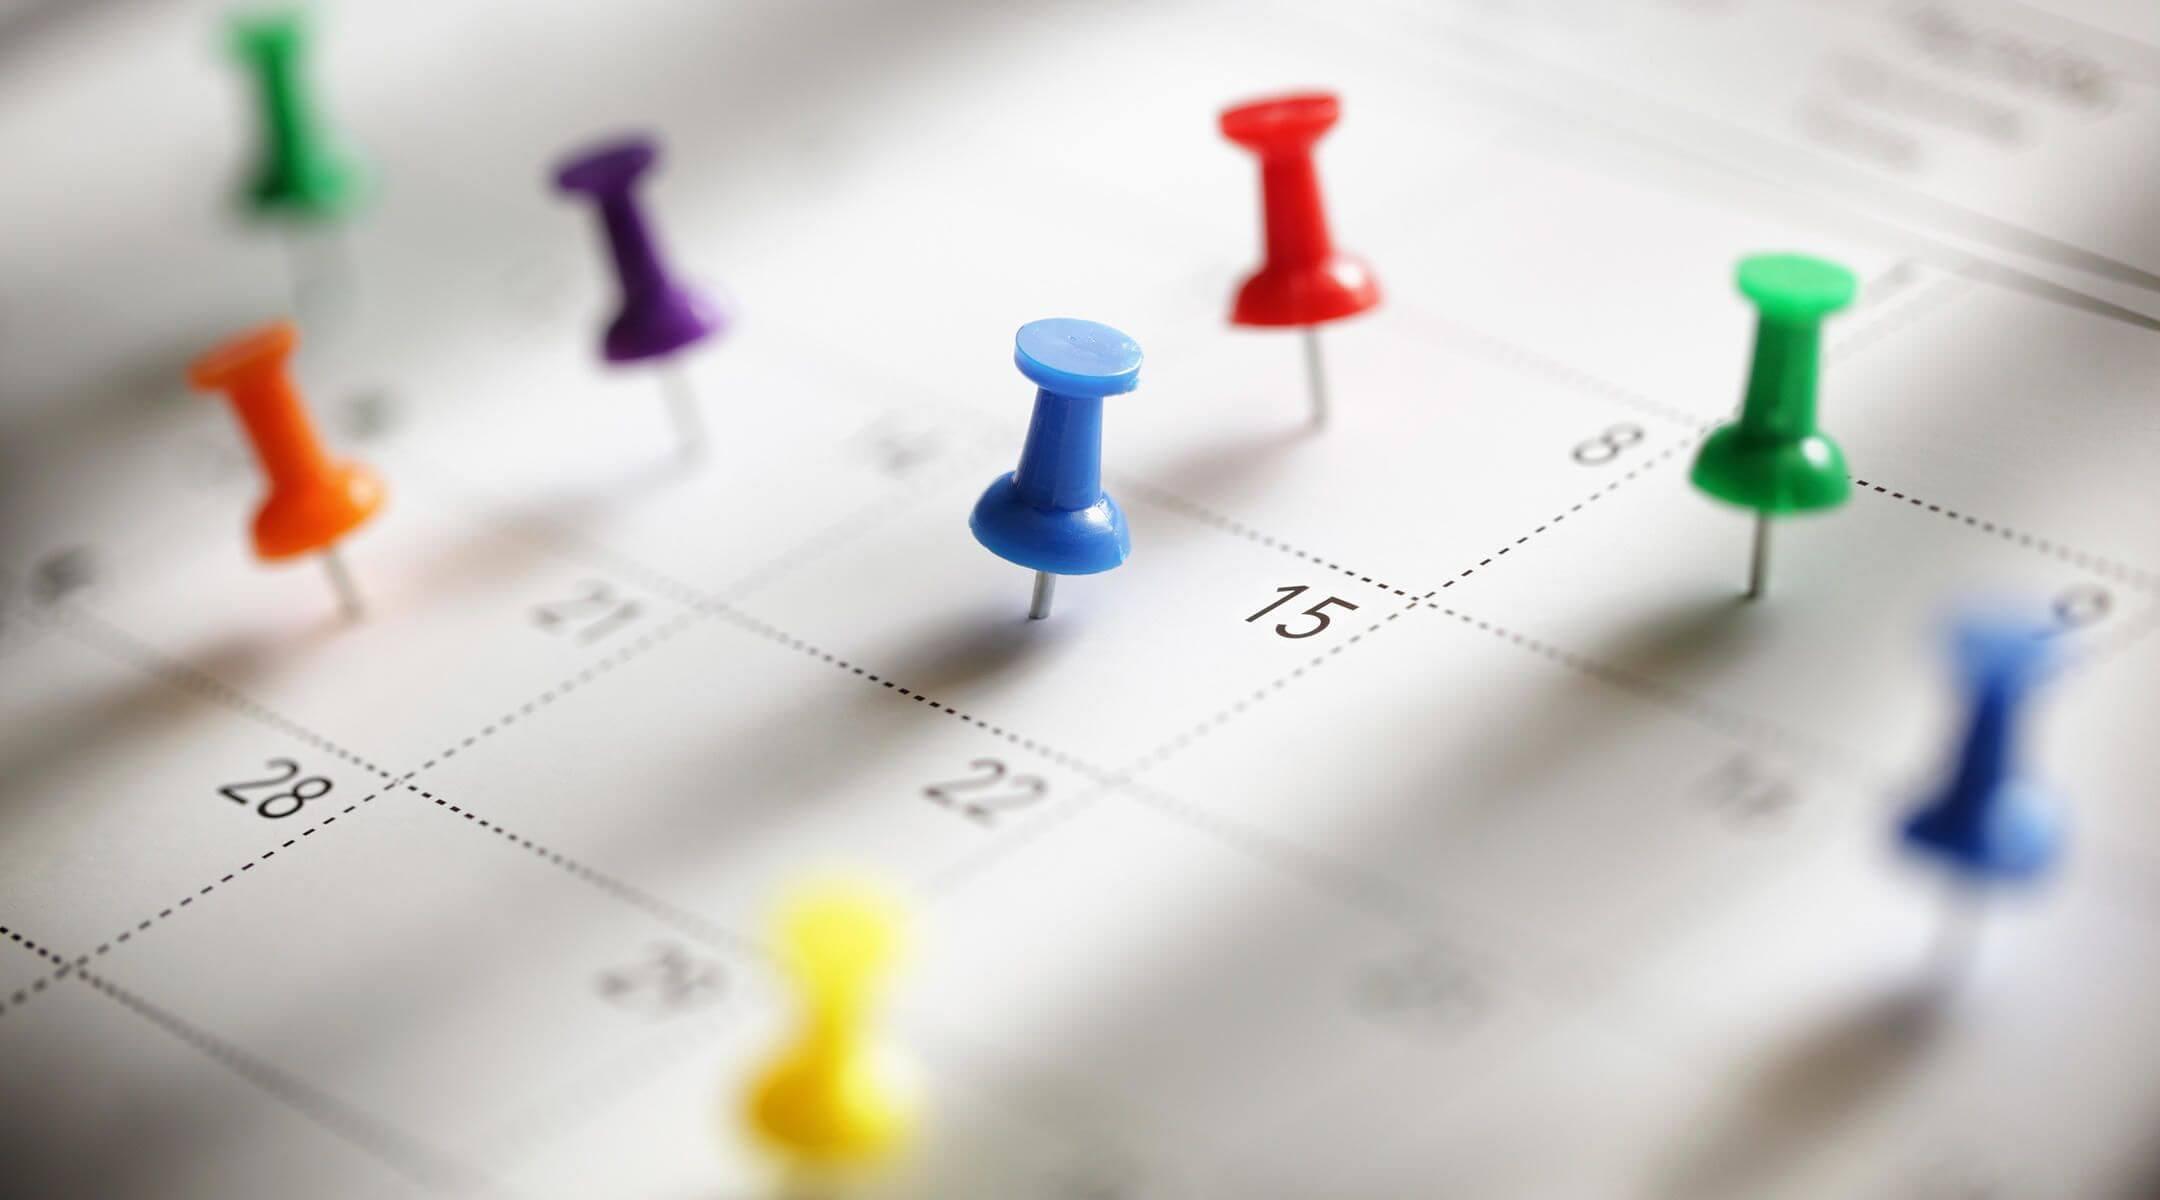 صورة كيف اعرف ايام التبويض , طريقه سهله لتعرفي اوقات الاباضه